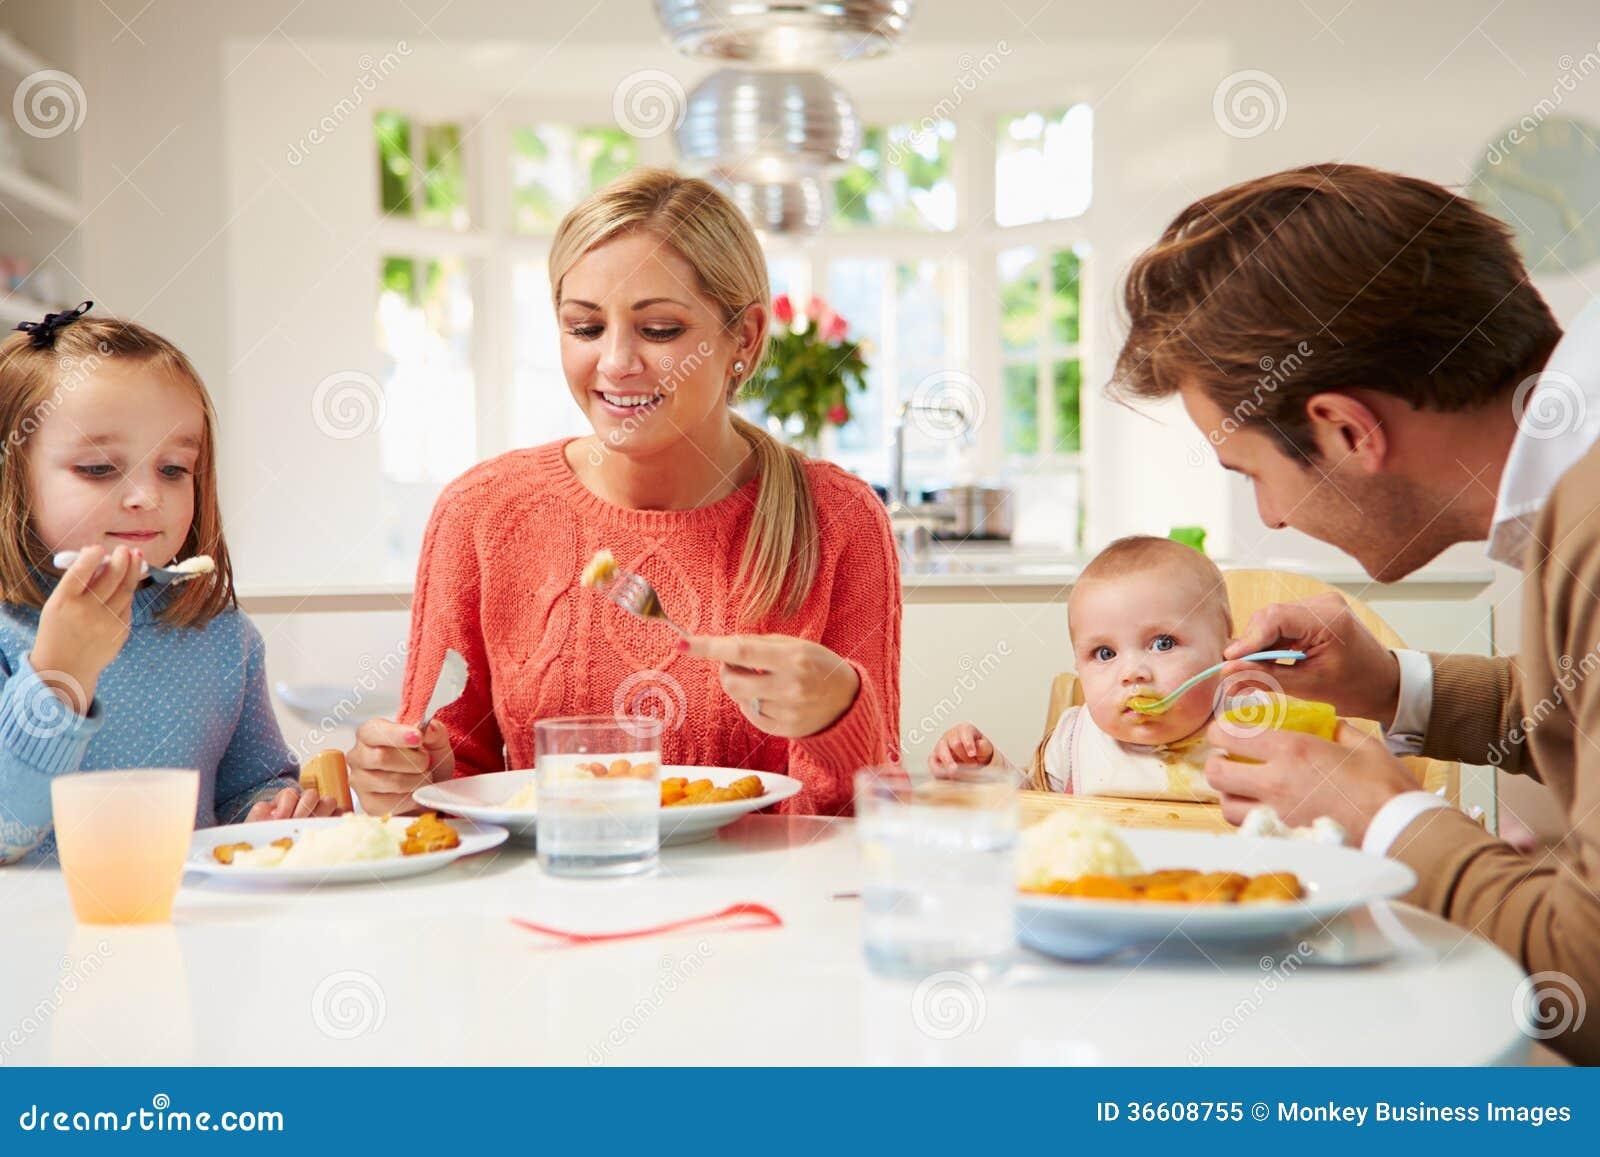 stls level2 support children at meal